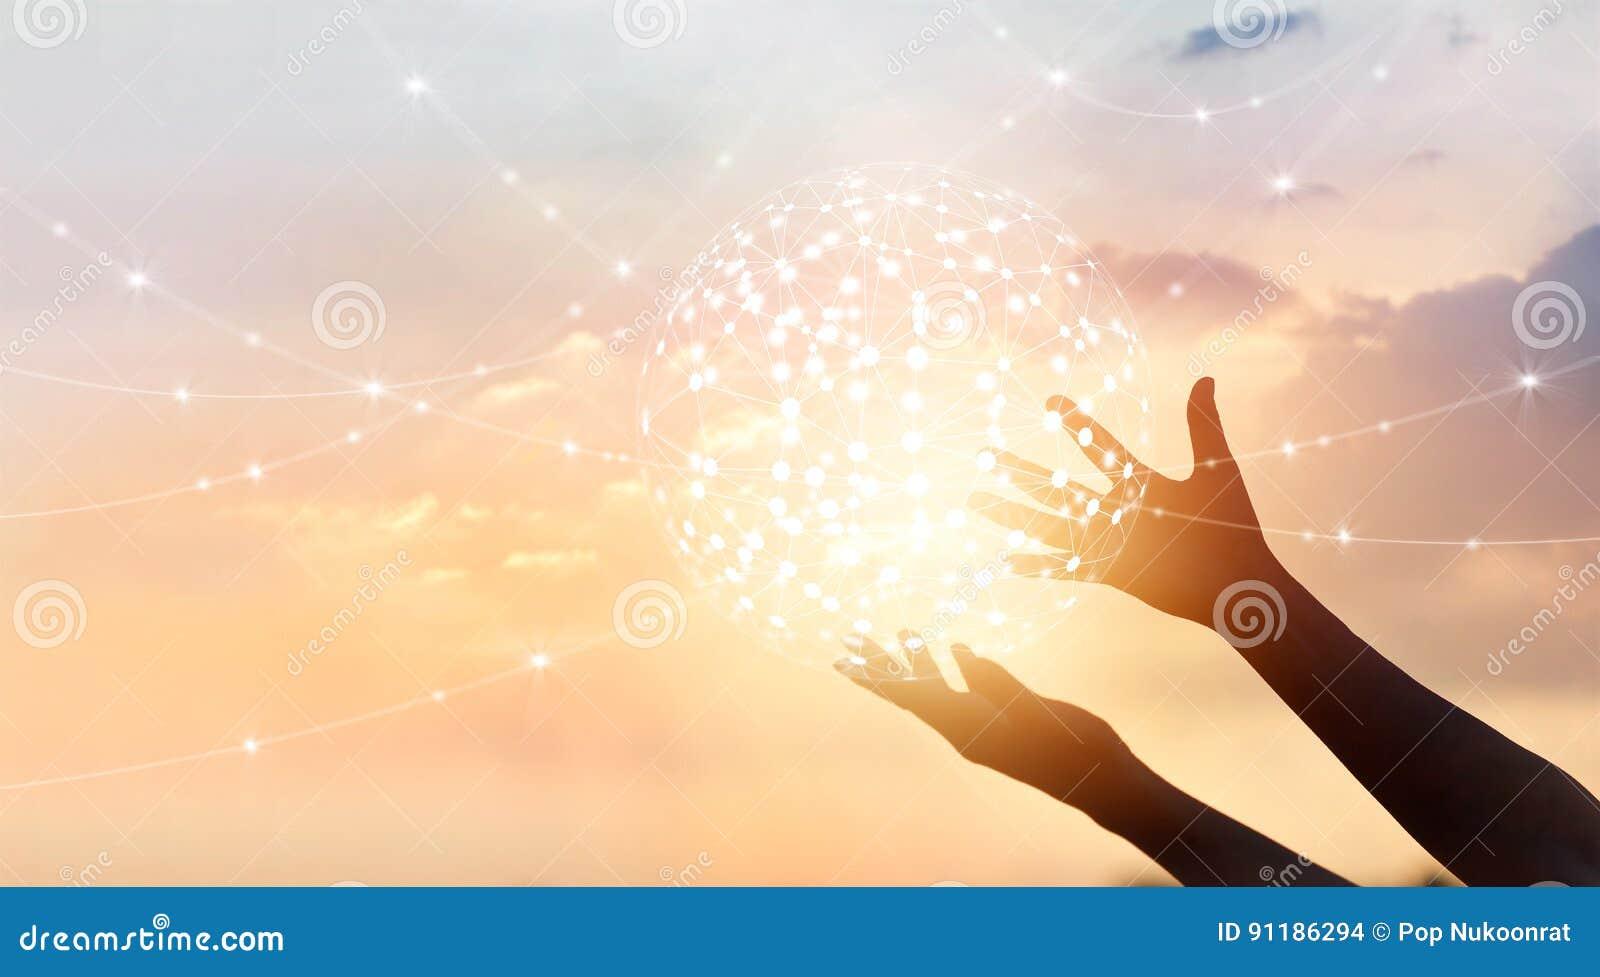 Abstrakte Wissenschaft, Verbindung des Kreisglobalen netzwerks in den Händen